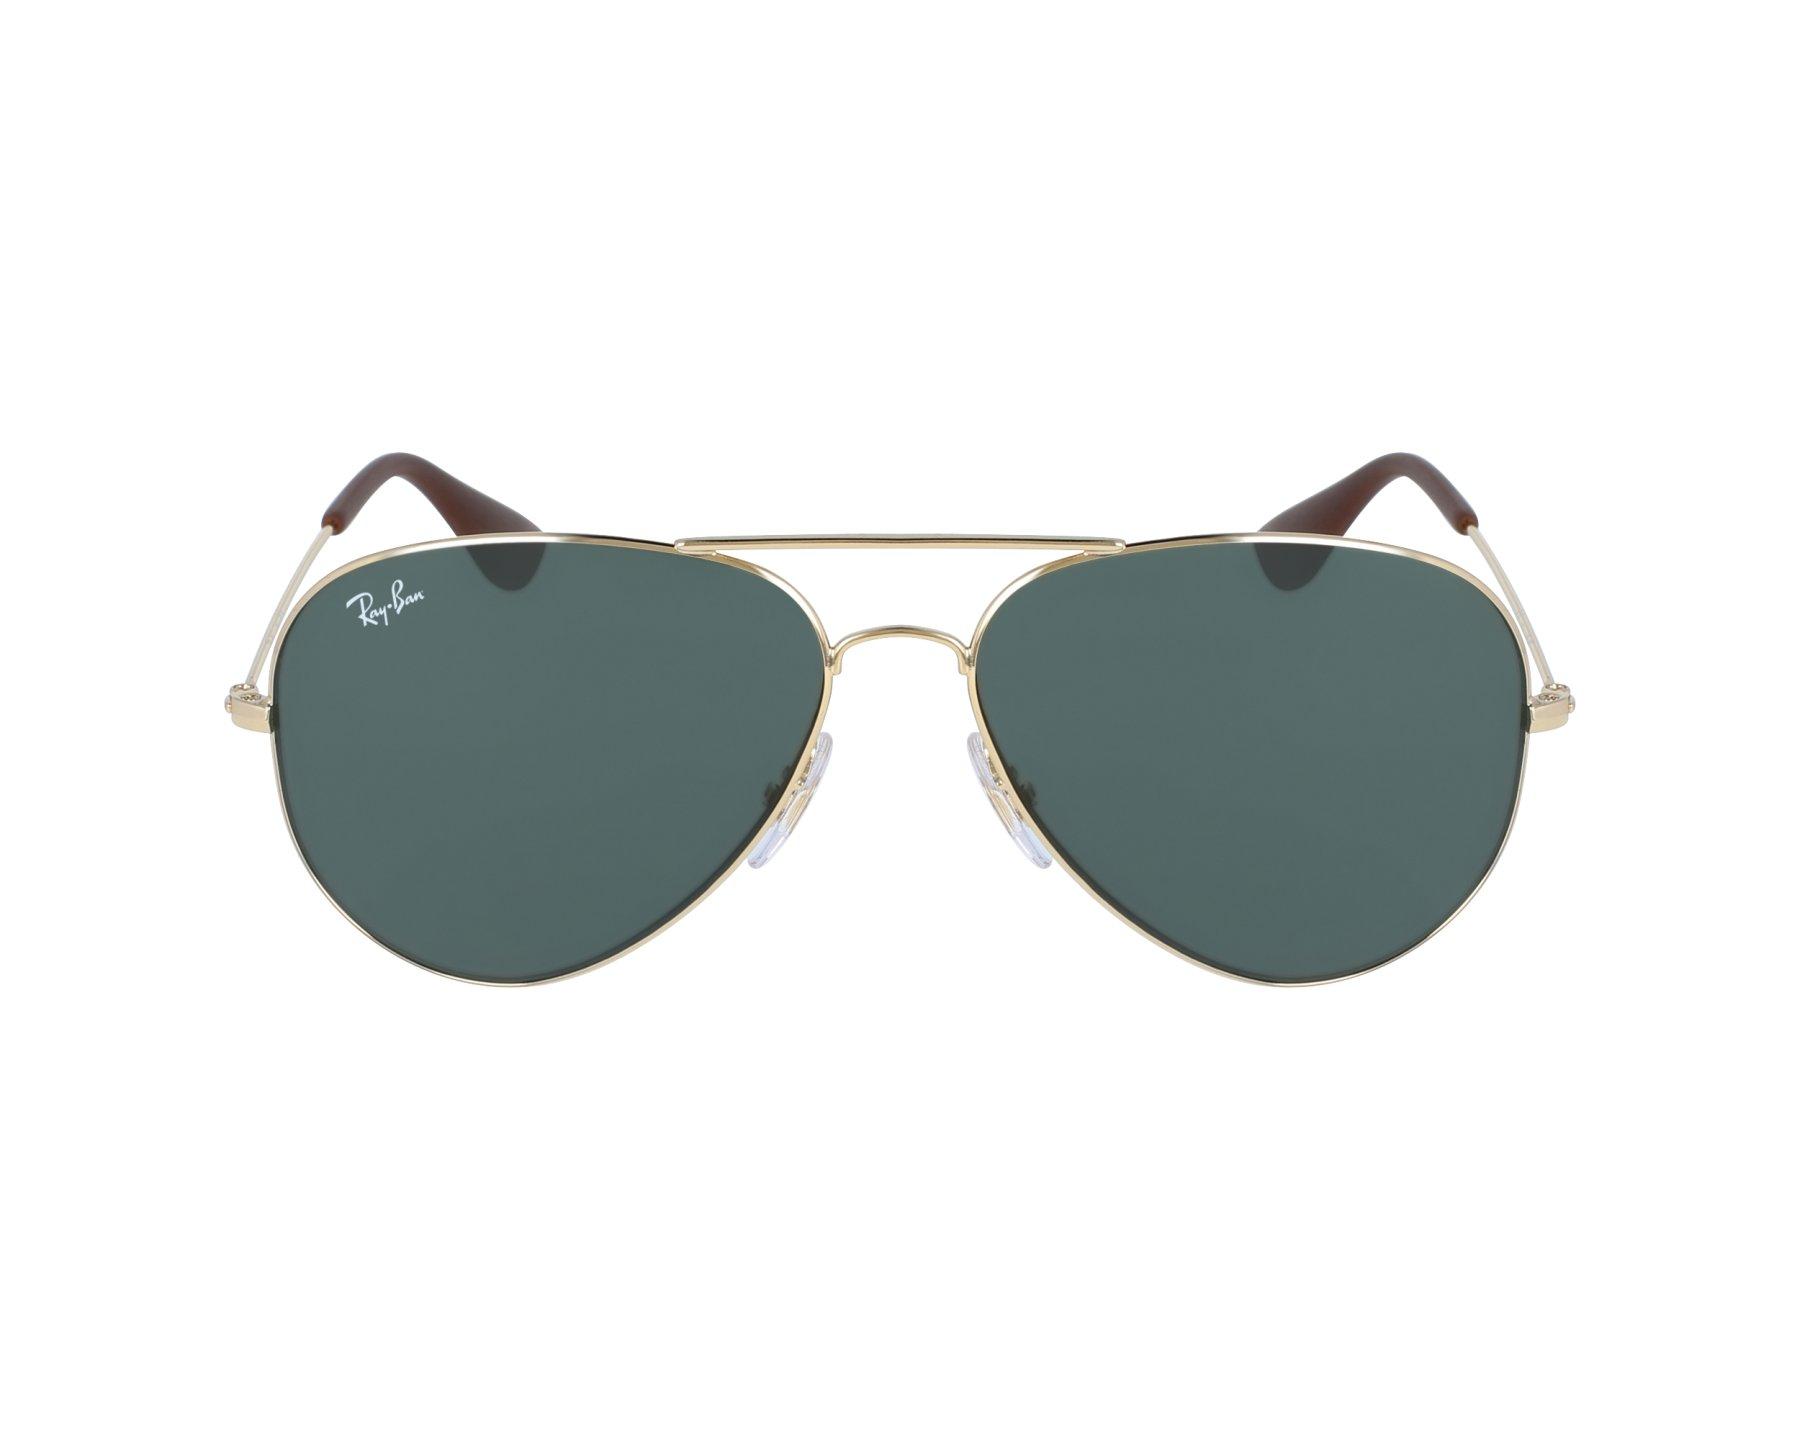 Aviator Sunglasses Gold Frame Black Lens : ray ban aviator gold frame black lens price